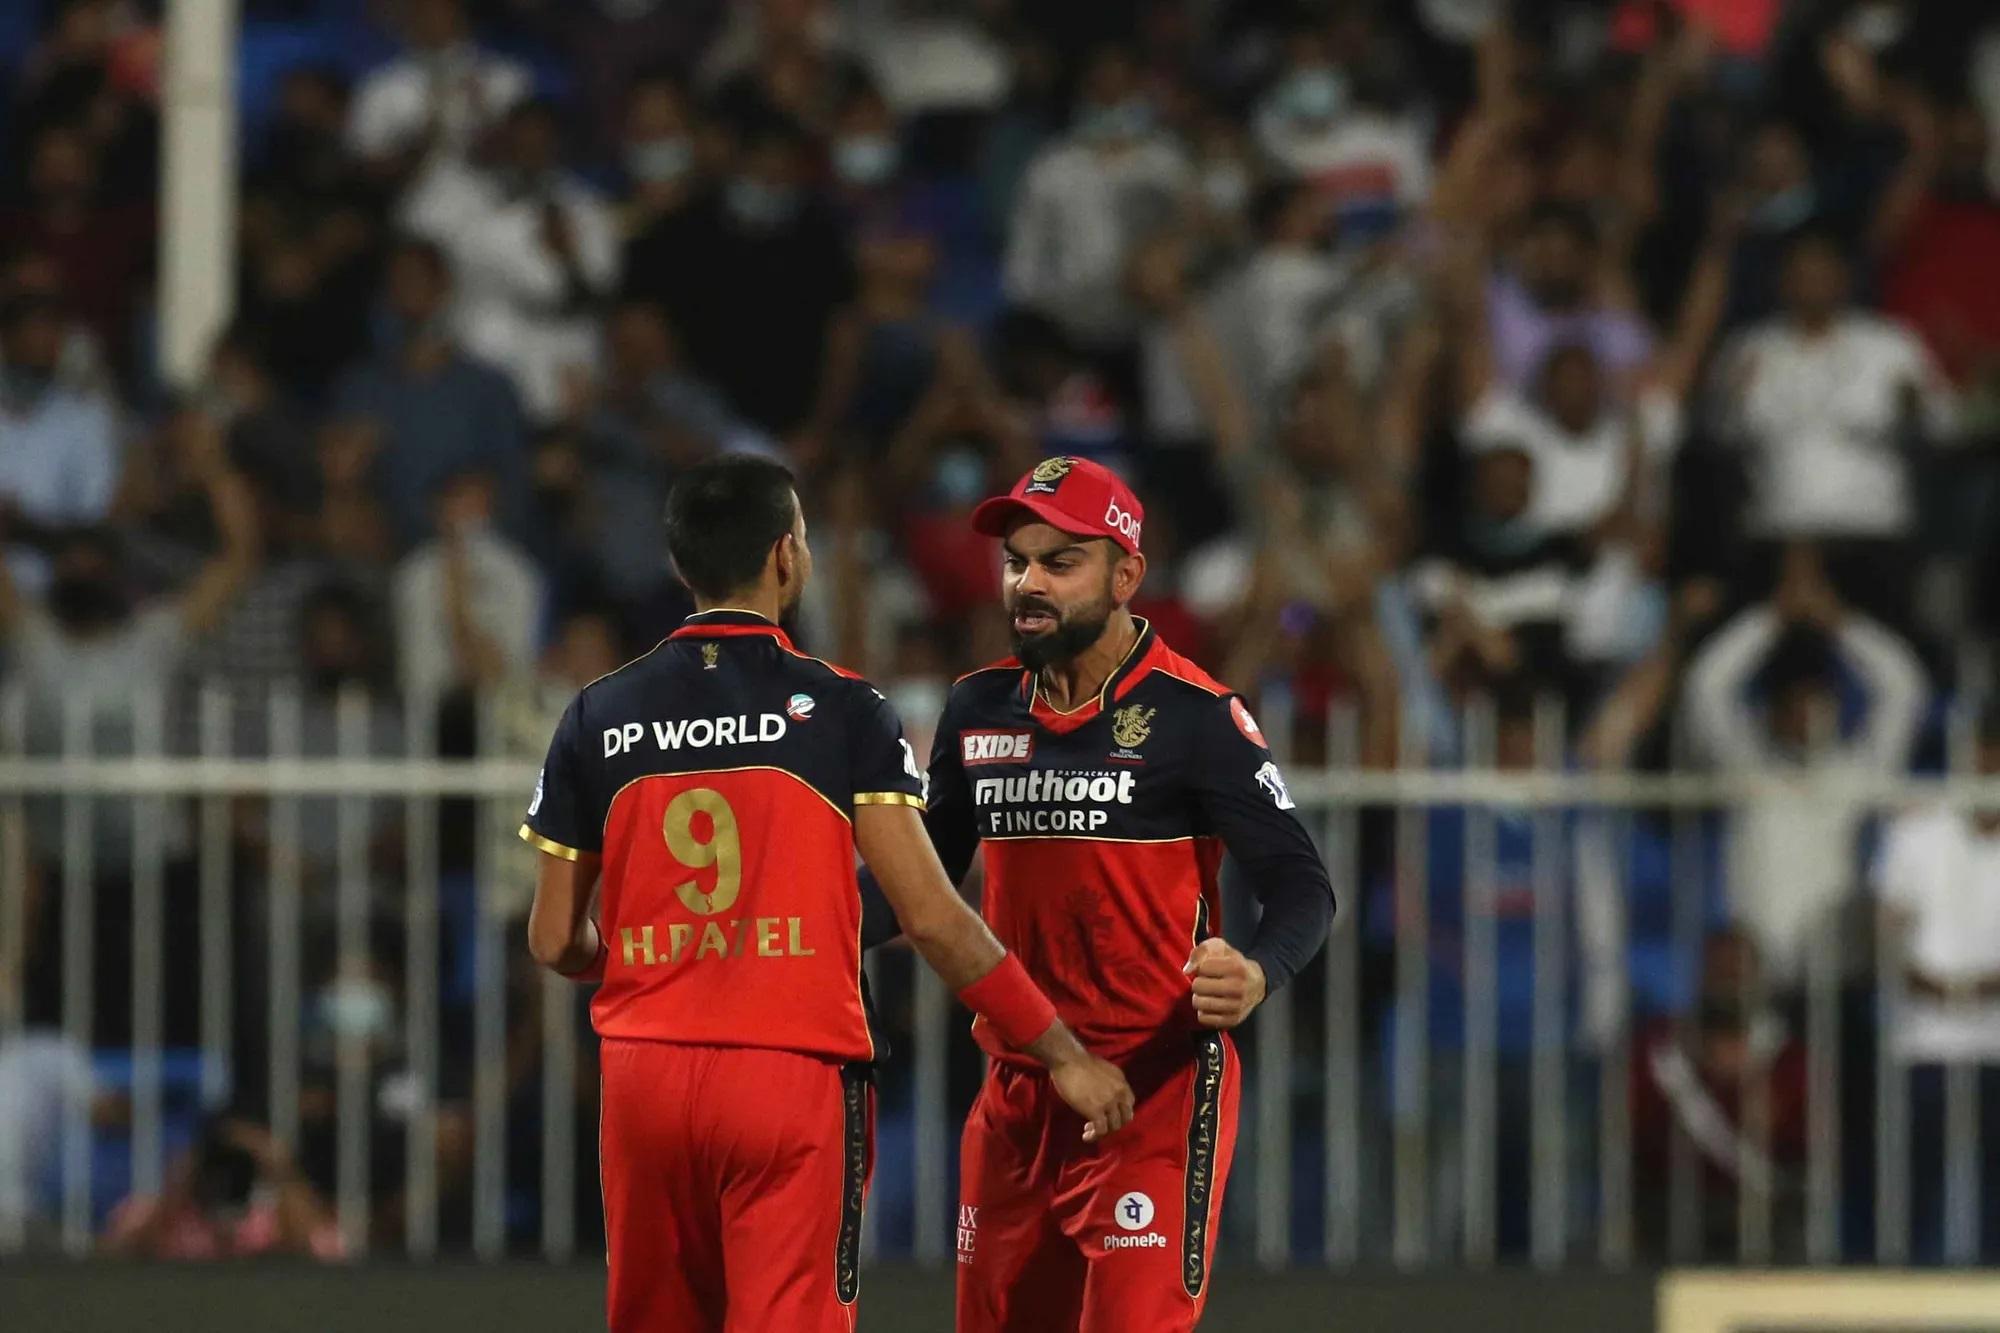 इस IPL में कोहली के लिए तुरुप के इक्का साबित हुए तेज गेंदबाज हर्षल पटेल अपने कप्तान को और बेहतर विदाई देने के लिए आखिरी लम्हे तक ताकत लगाते रहे। फेज -1 के एक मैच के दौरान हर्षल के एक ओवर में रवींद्र जडेजा ने 37 रन ठोक दिए थे। तब सबने कहा था अब इनका करियर खत्म, लेकिन कोहली ने उन पर भरोसा किया और इस युवा बॉलर ने क्या वापसी की। उन्होंने किसी एक IPL में सबसे ज्यादा विकेट लेने के रिकॉर्ड 32 विकेट को छू लिया। इस बार के पर्पल कैप के विजेता भी हर्षल बनेंगे। इस मैच में भी उन्होंने 4 ओवर में सिर्फ 19 रन देकर 2 विकेट चटकाए।